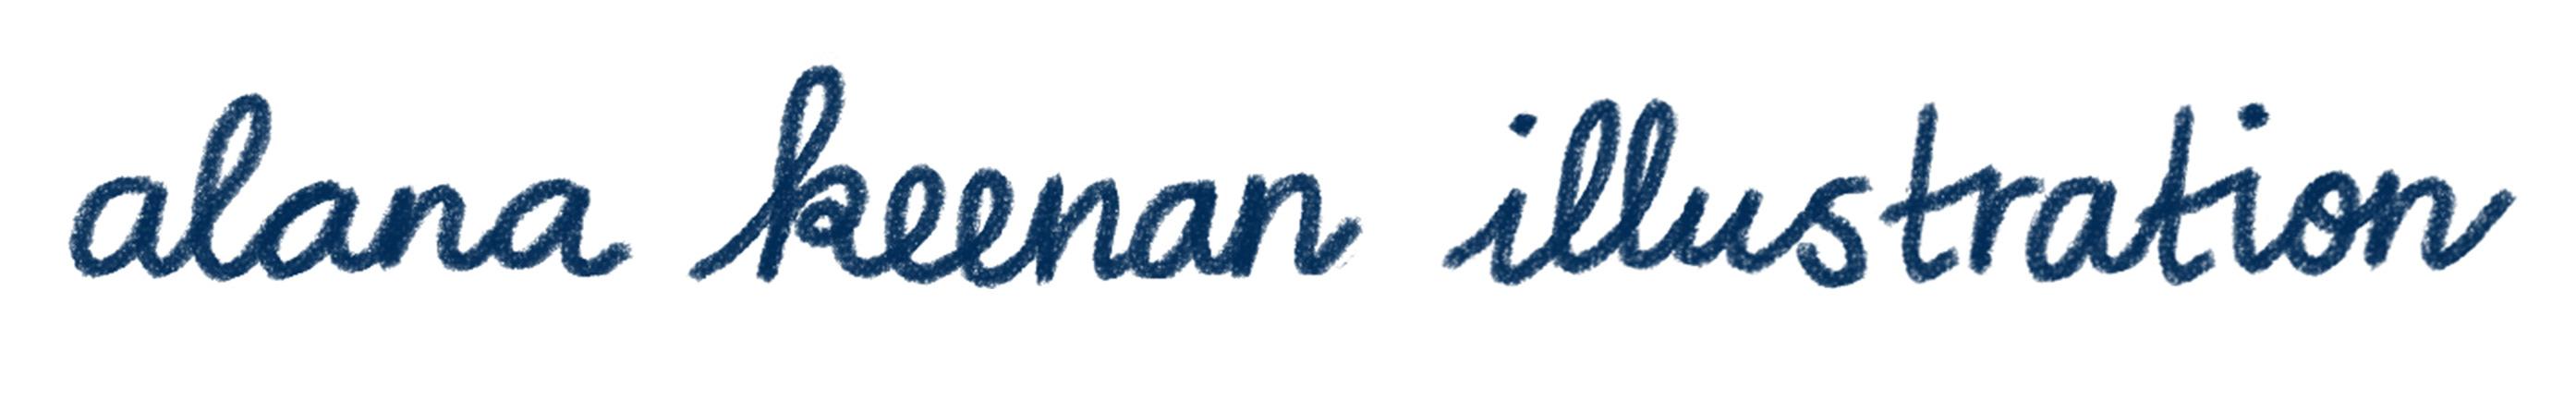 Alana Keenan